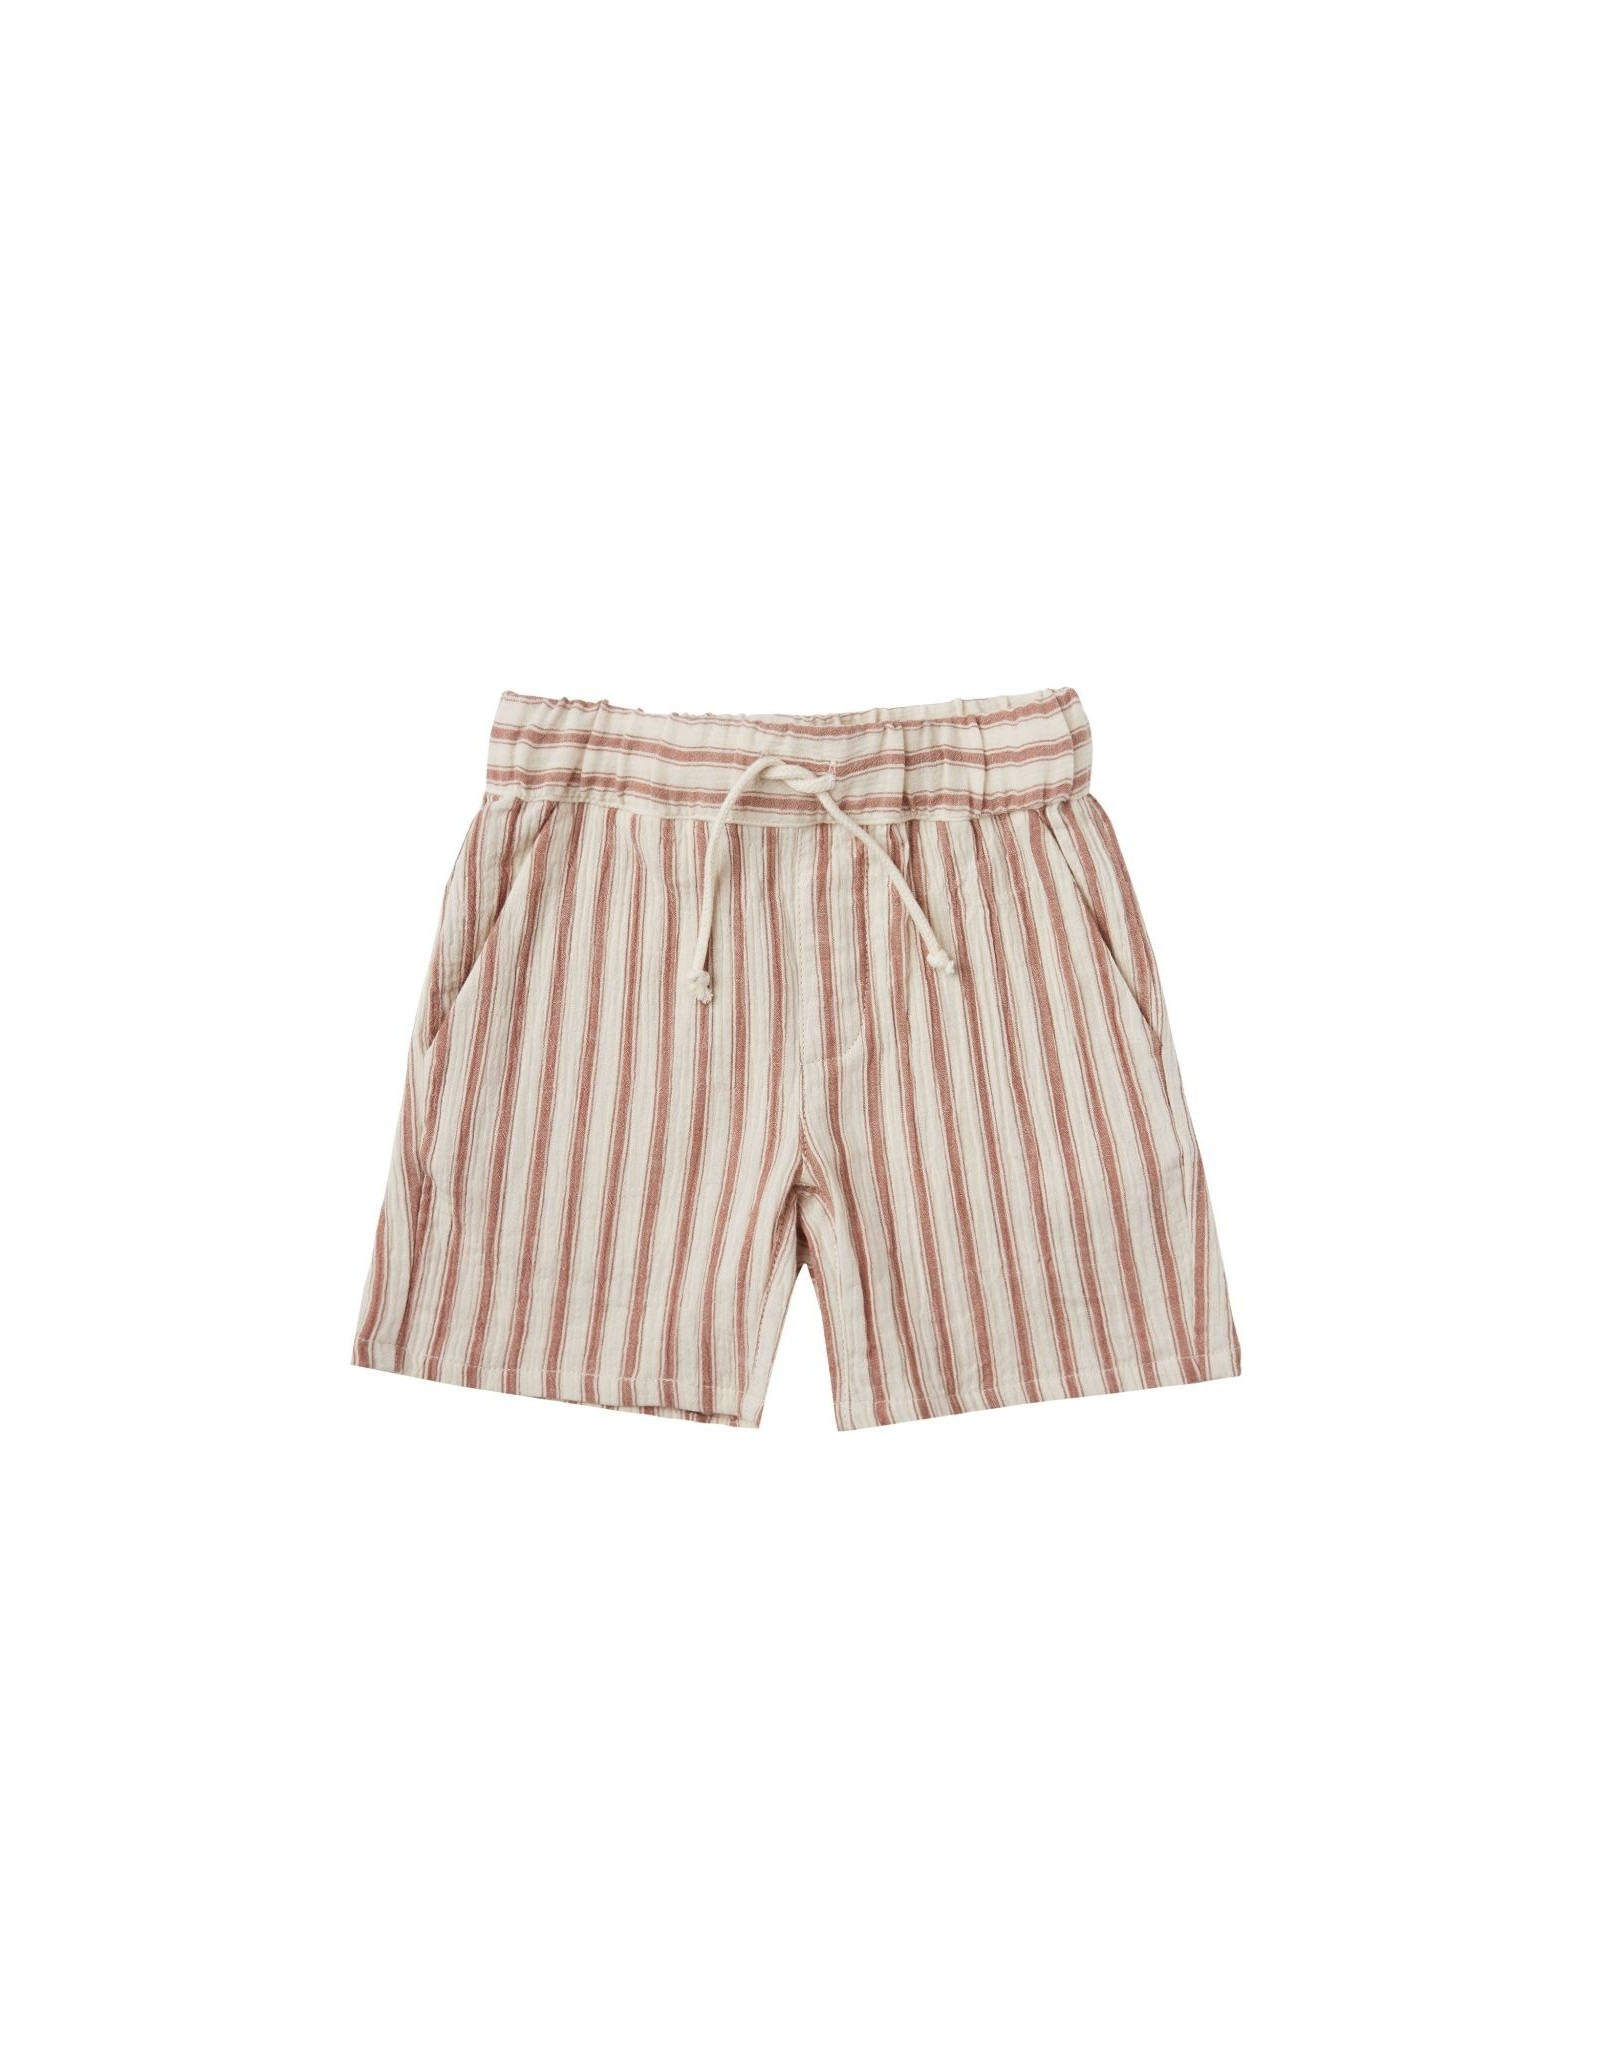 Rylee & Cru Rylee & Cru Natural Stripe Bermuda Shorts